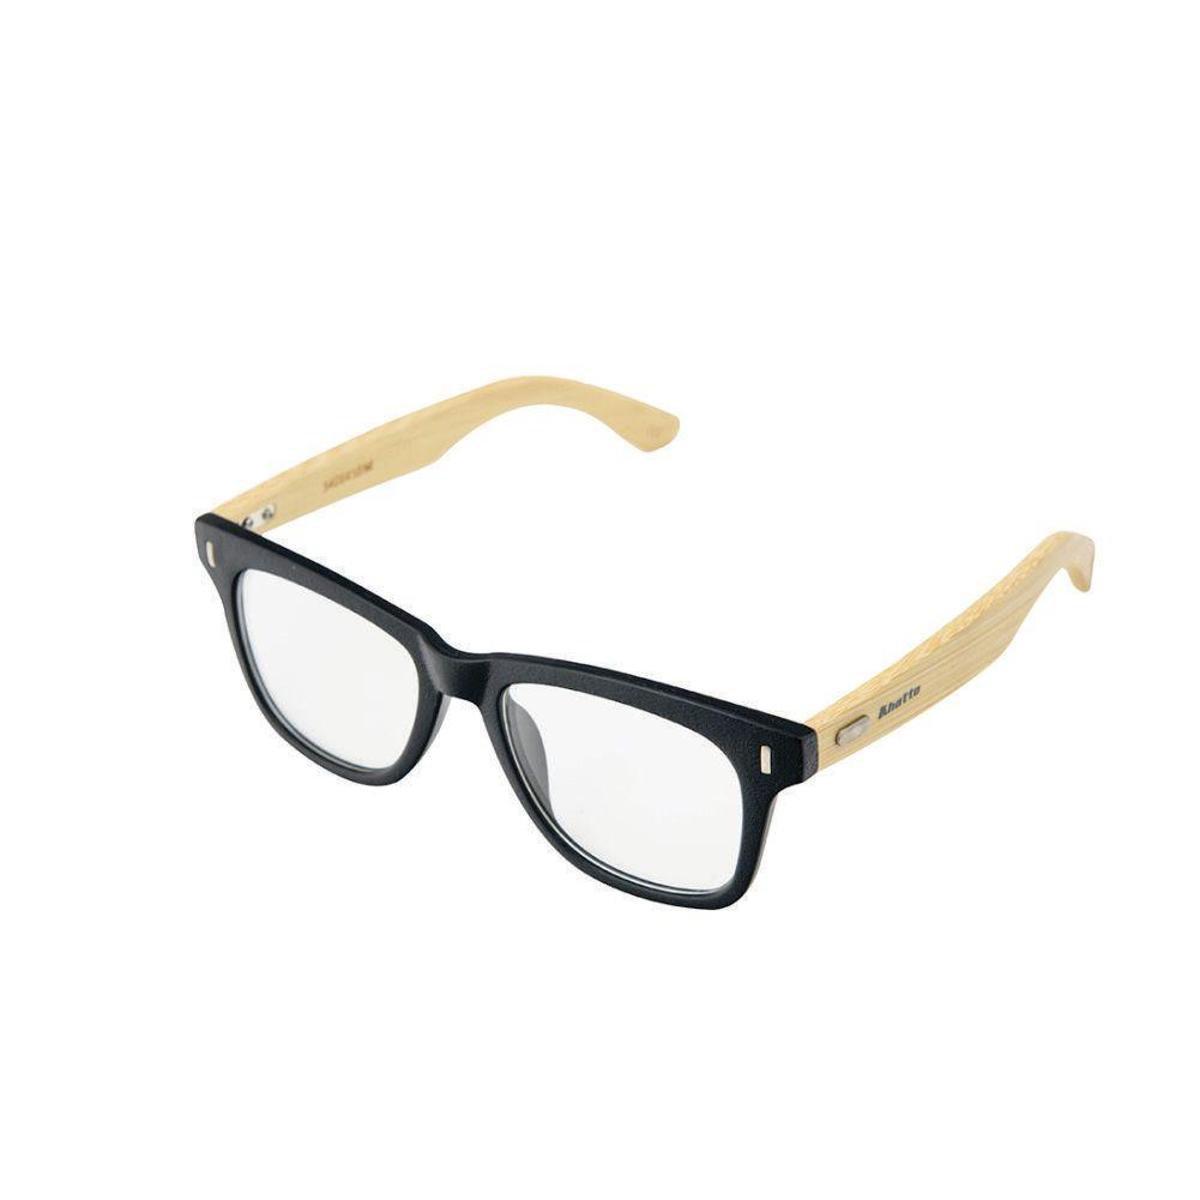 c799075080105 Armação Óculos de Grau Khatto Way Bamboo Feminino - Preto - Compre ...